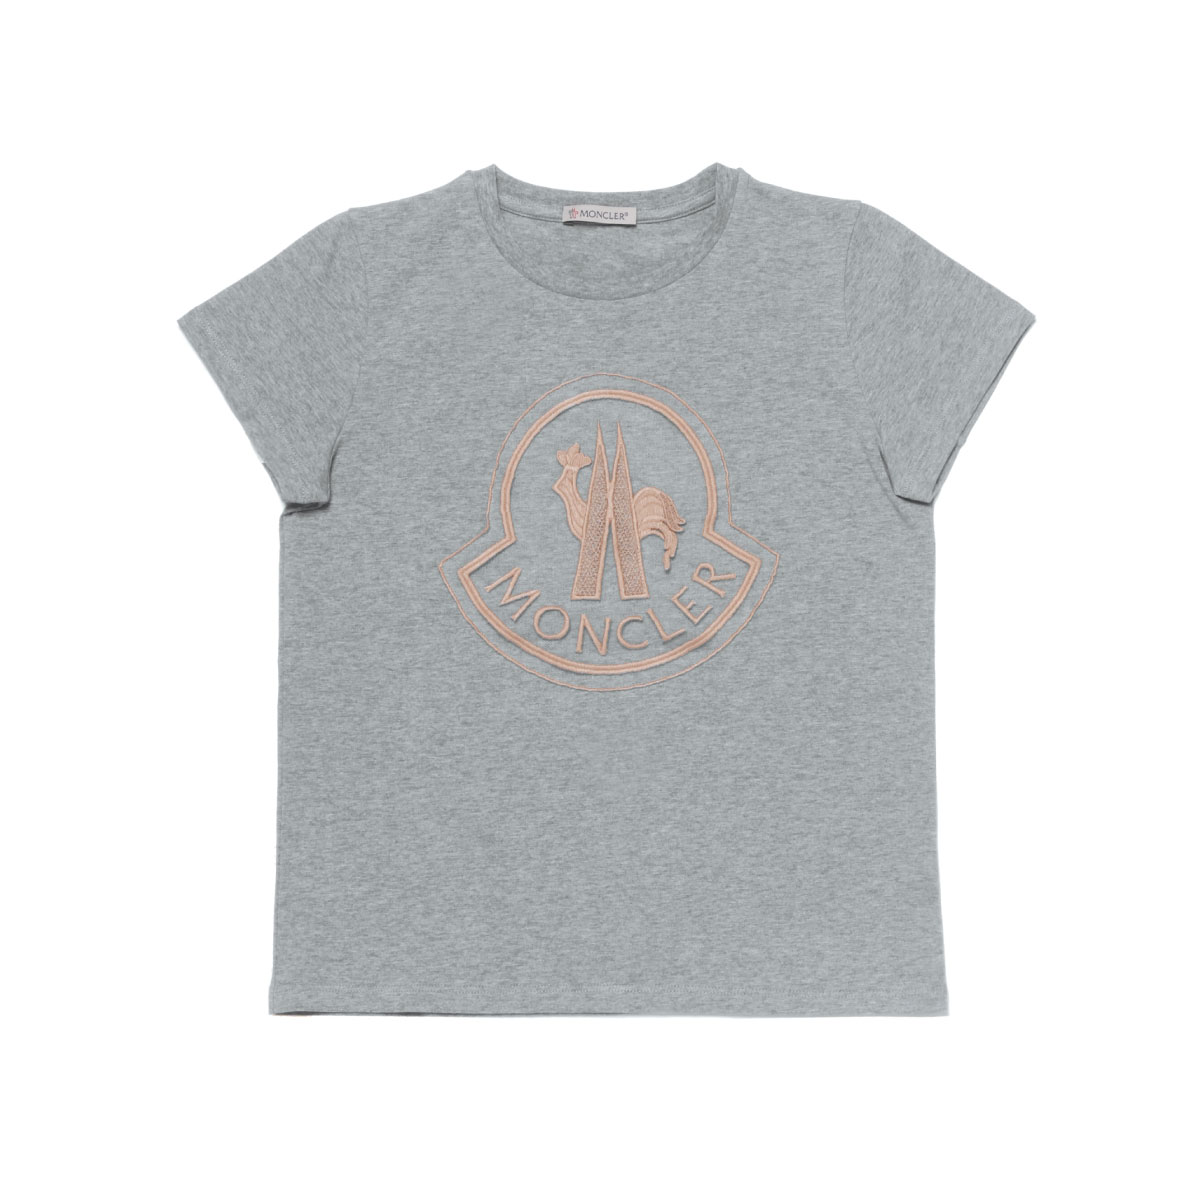 モンクレール MONCLER Tシャツ キッズ ガールズ 8069505 8790A 980 半袖Tシャツ GREY グレー 10A